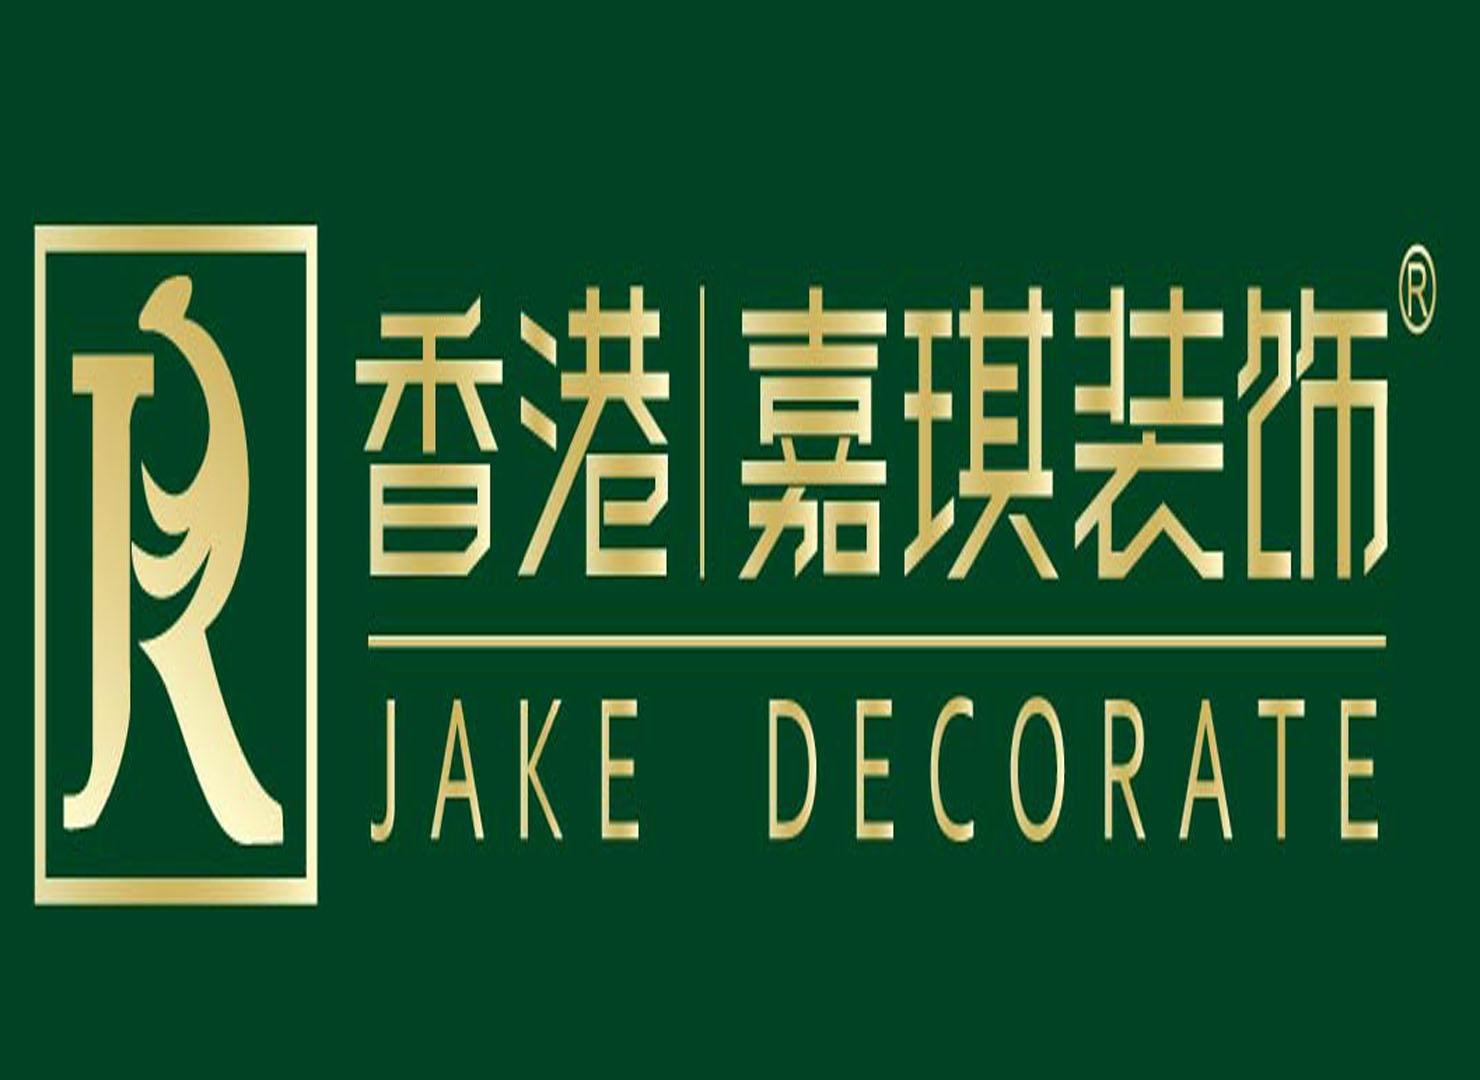 香港嘉琪装饰工程有限公司